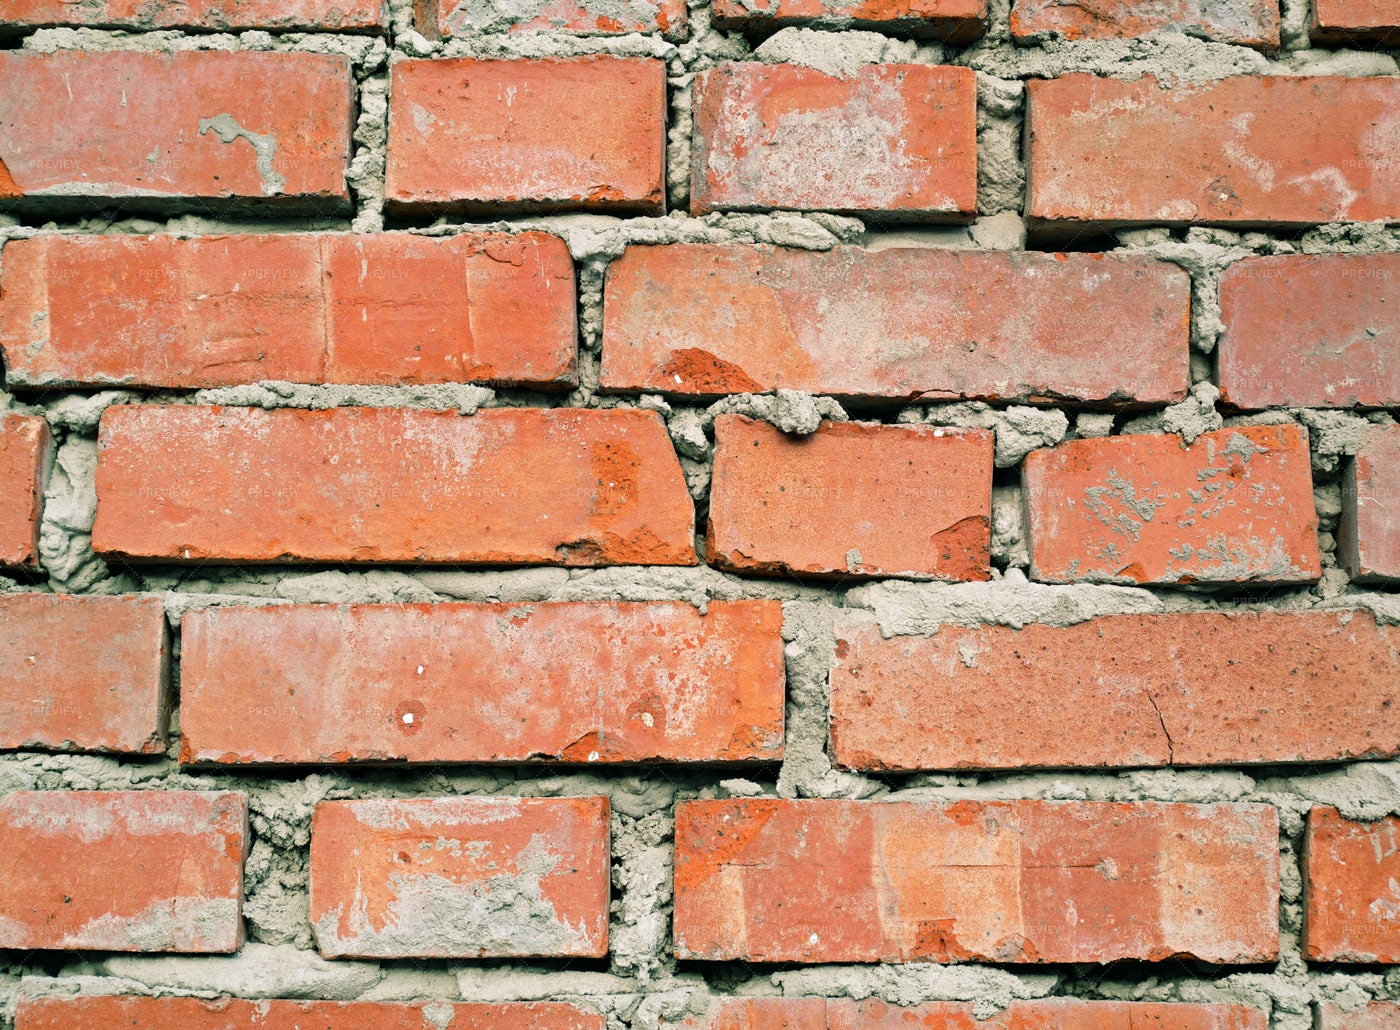 Old Brick Wall Masonry: Stock Photos